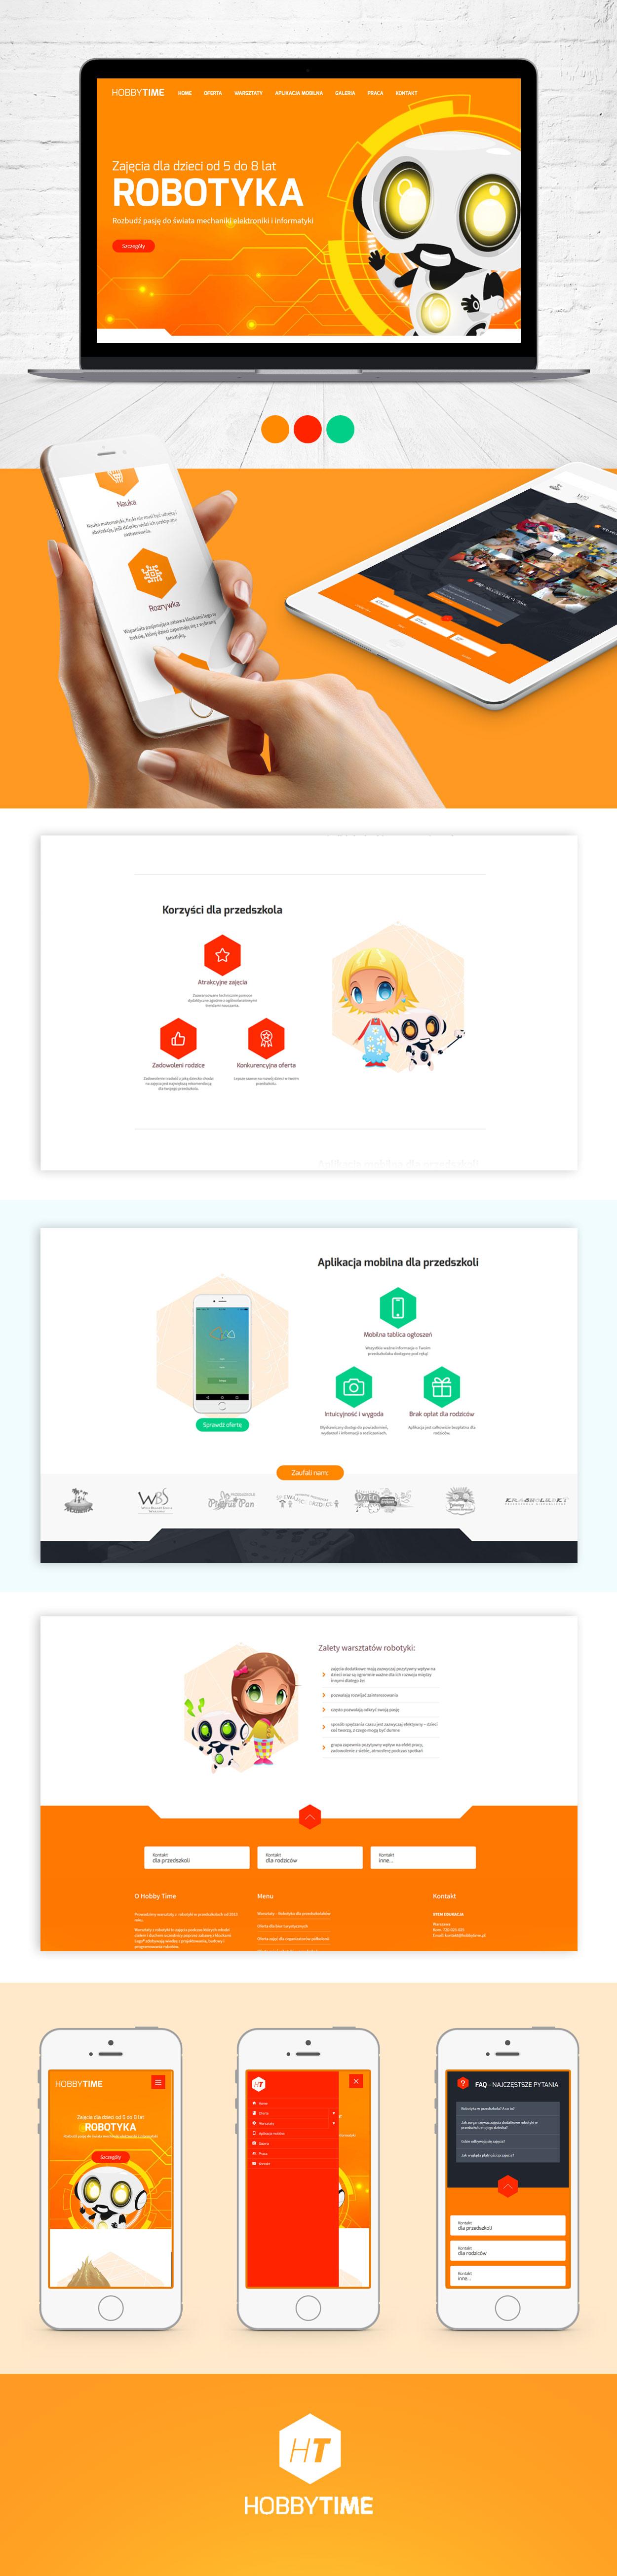 projektowanie-stron-www-warsztaty-dla-dzieci-hobbytime